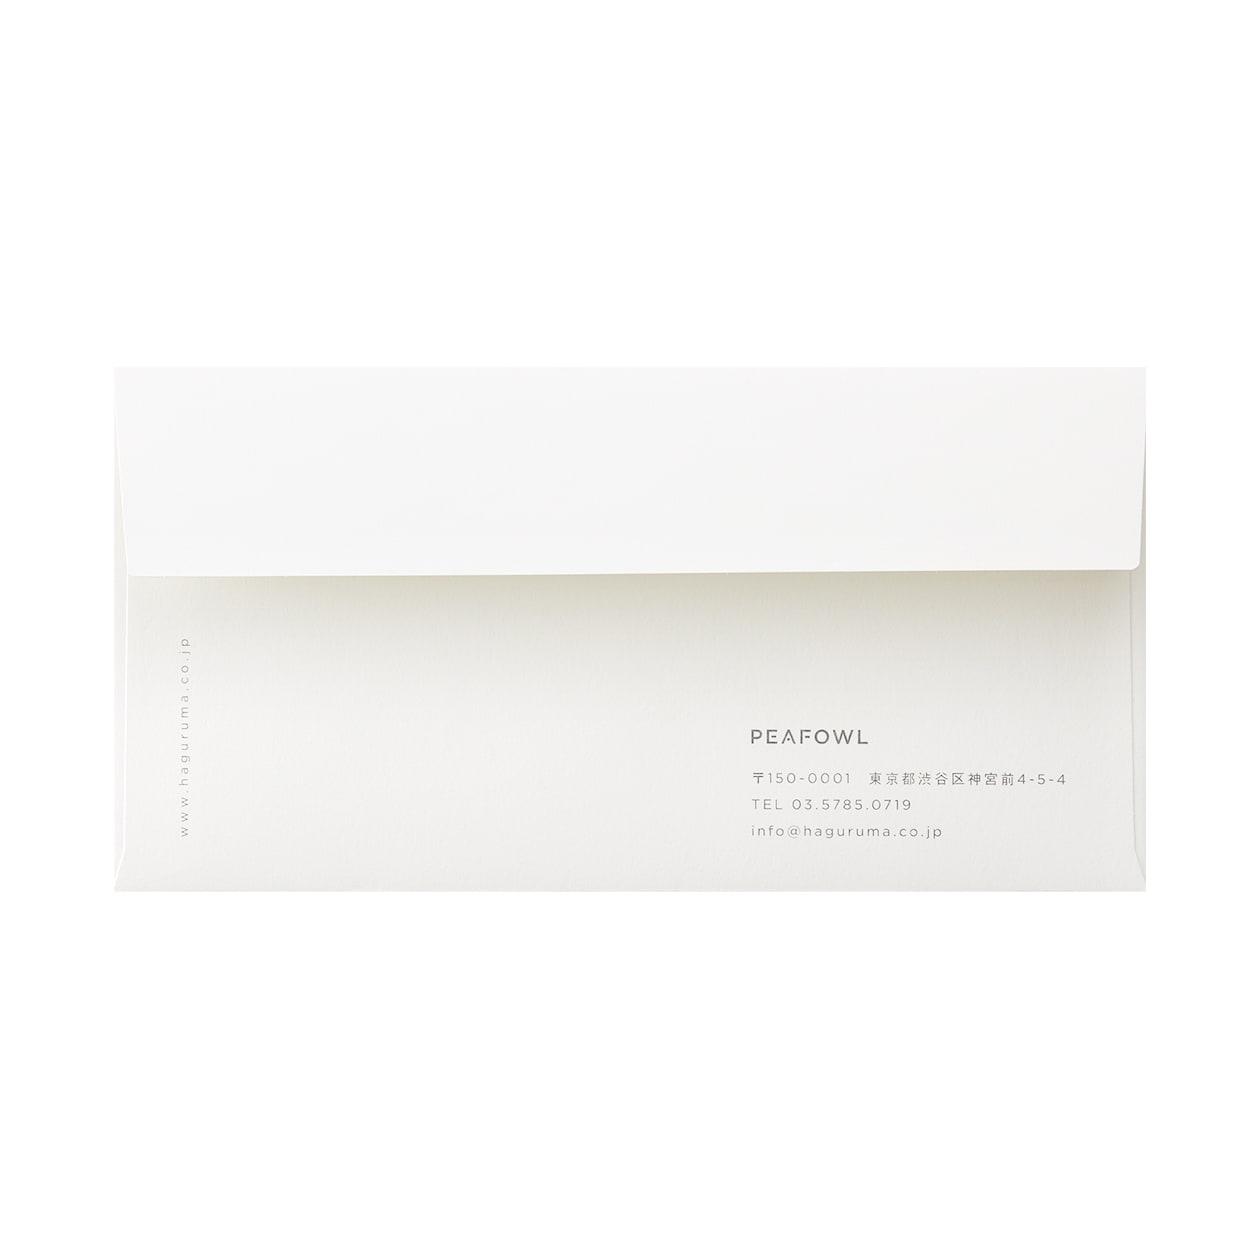 サンプル 封筒・袋 00134